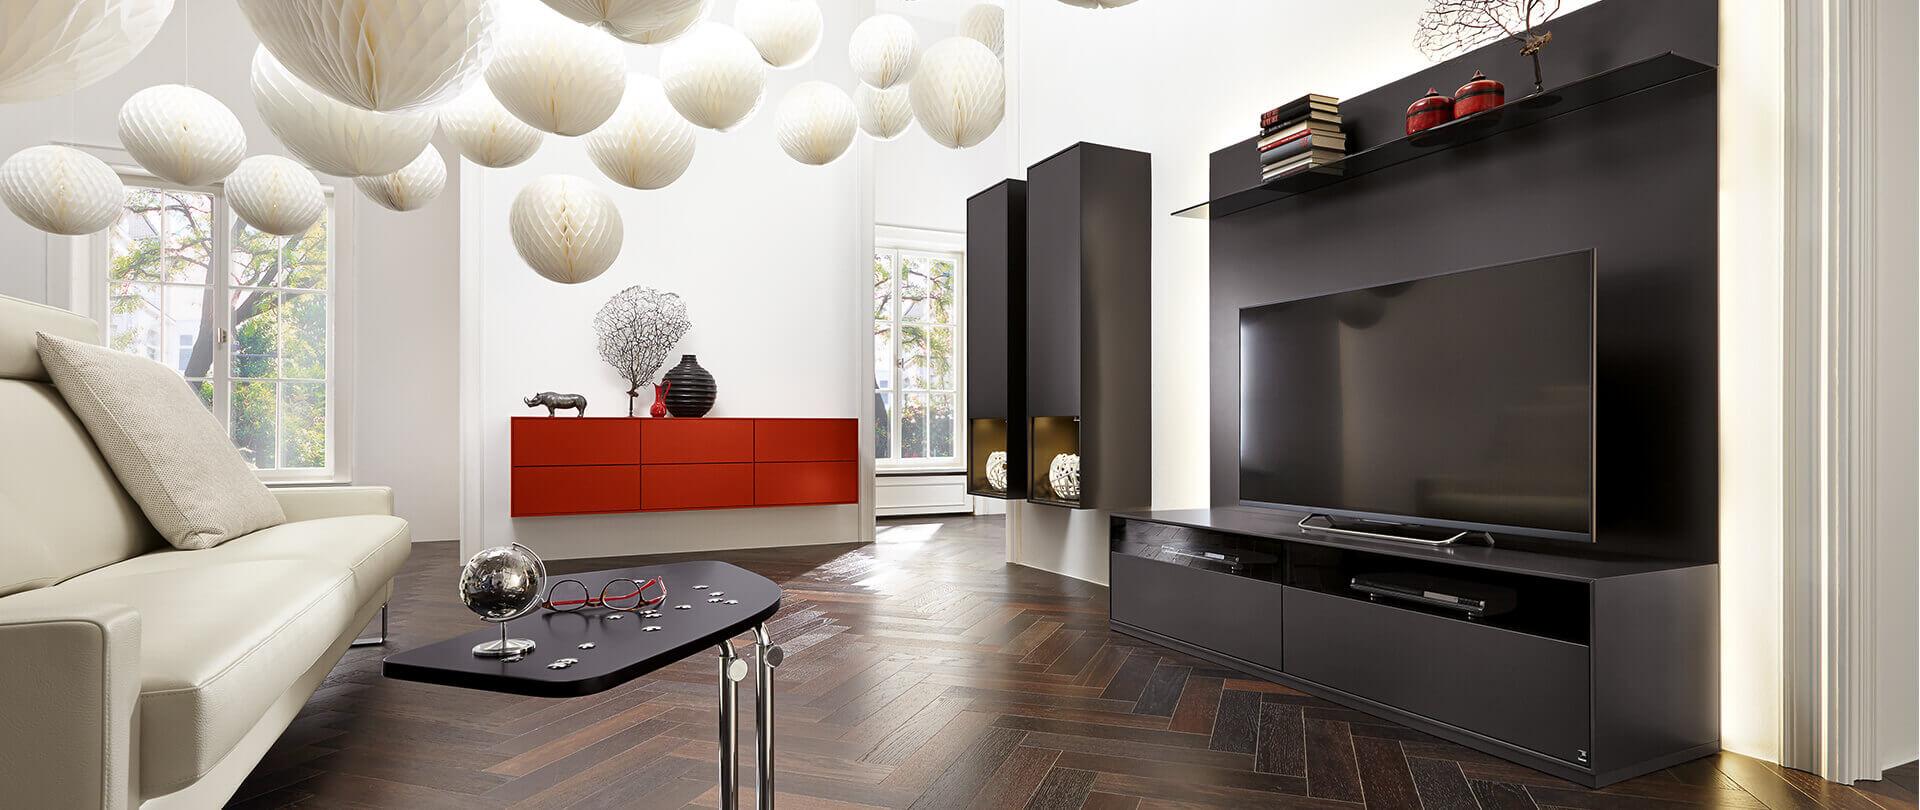 wohnzimmer tauberbischofsheim m bel schott. Black Bedroom Furniture Sets. Home Design Ideas